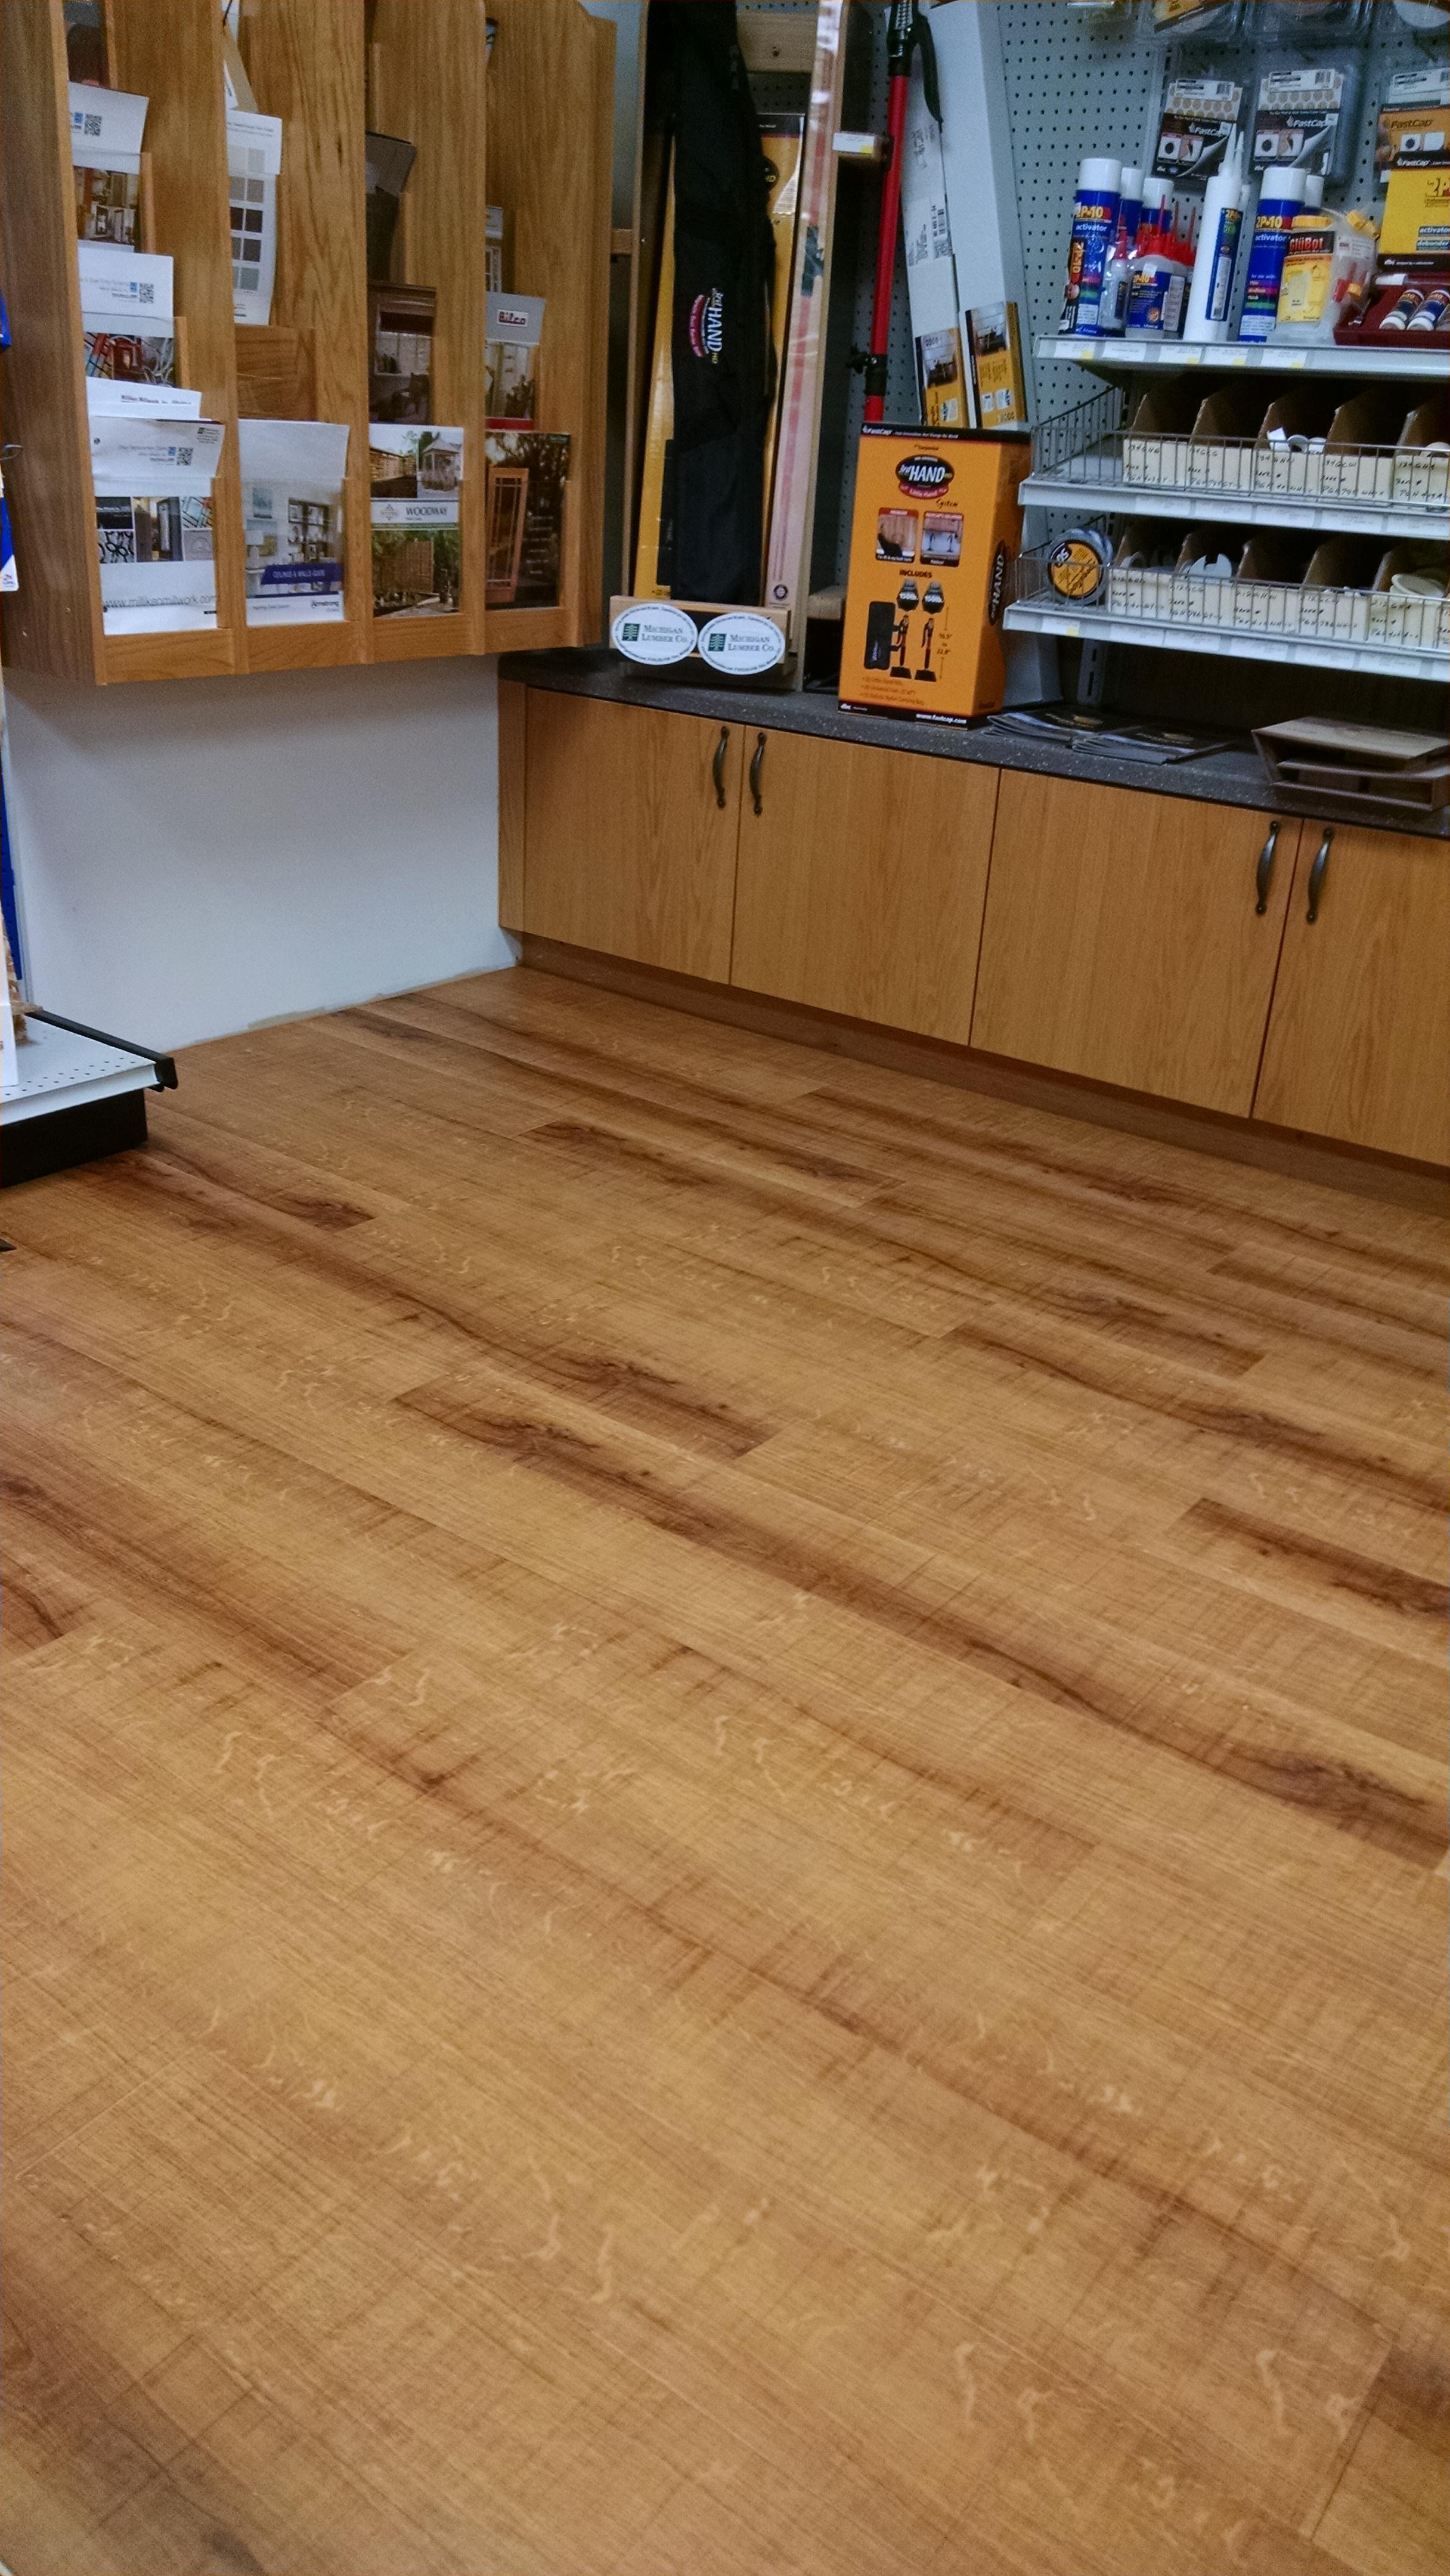 Michigan Lumber Co. image 1